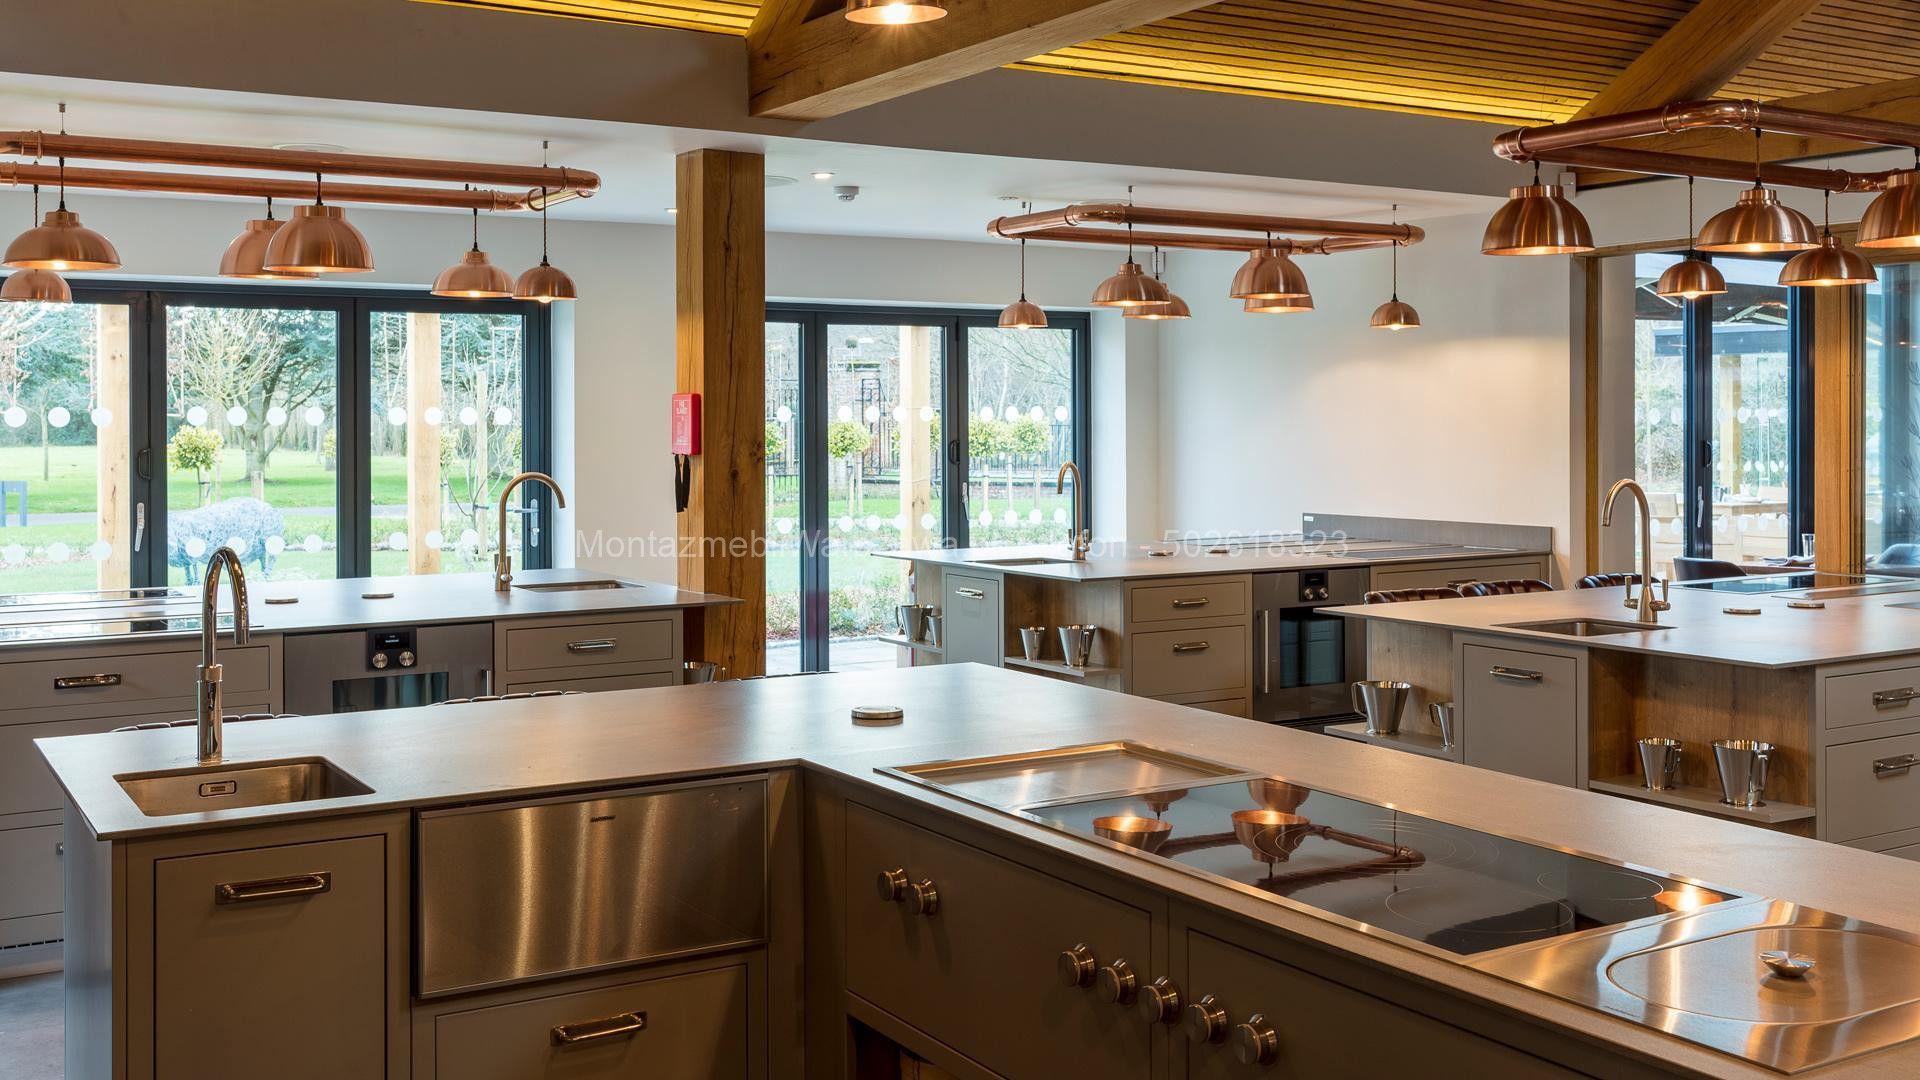 Skladanie Mebli Gastronomicznych Gospodarczych Cateringowych Dla Restauracji Kawiarni Baru Stolowki Bufetu Ike Neolith Stone Kitchen Countertops Kitchen